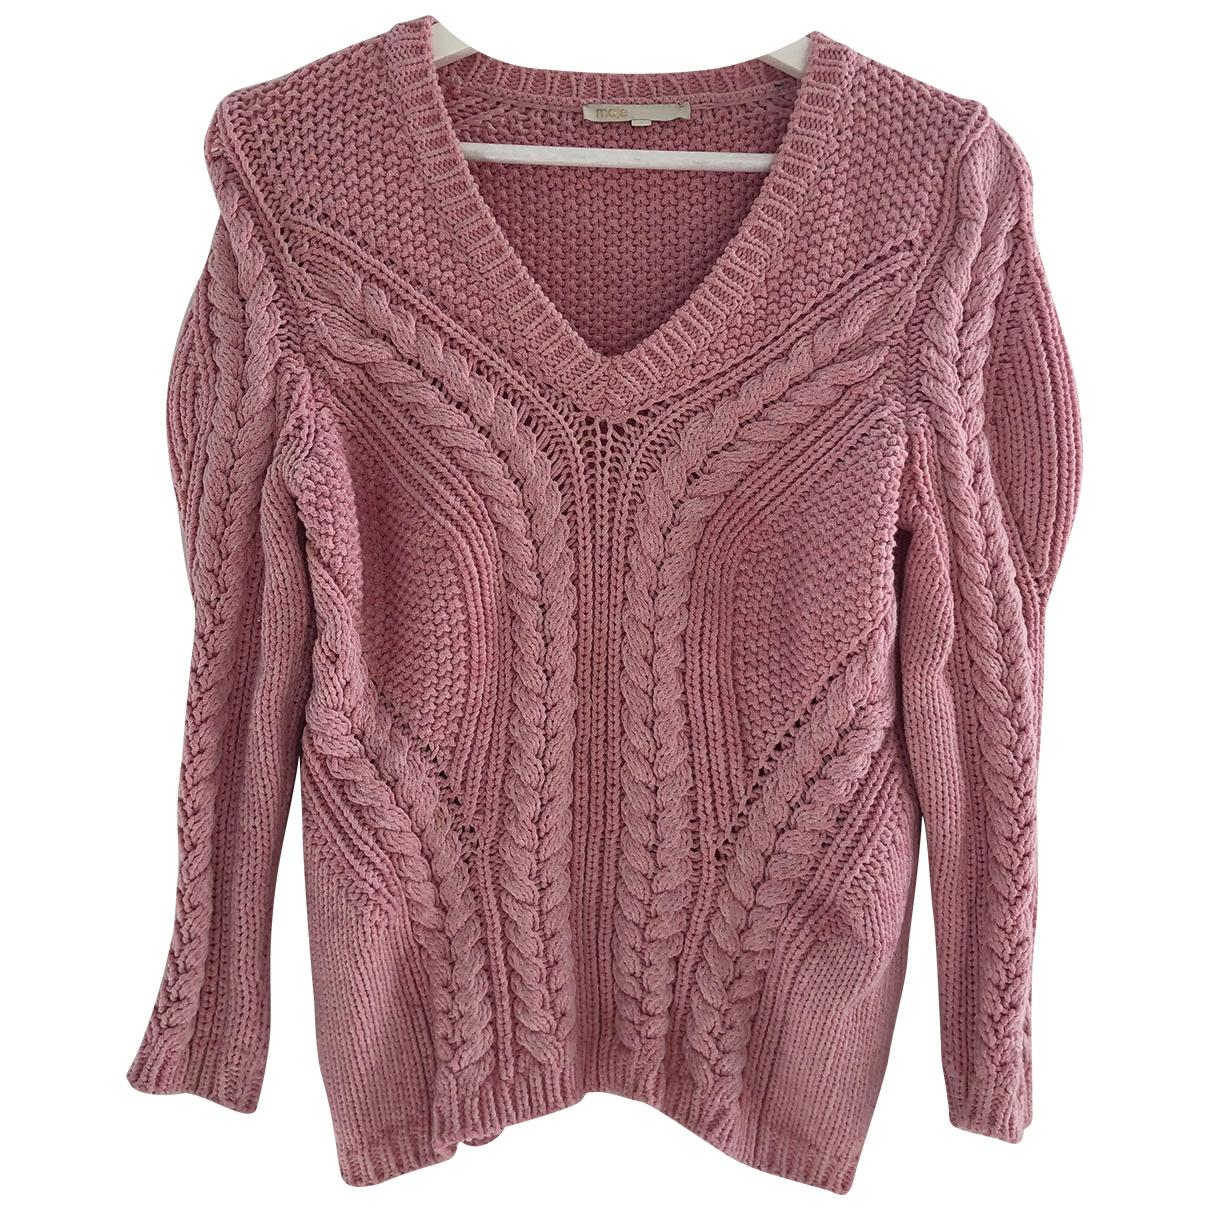 Maje \N Pink Cotton Knitwear for Women S International